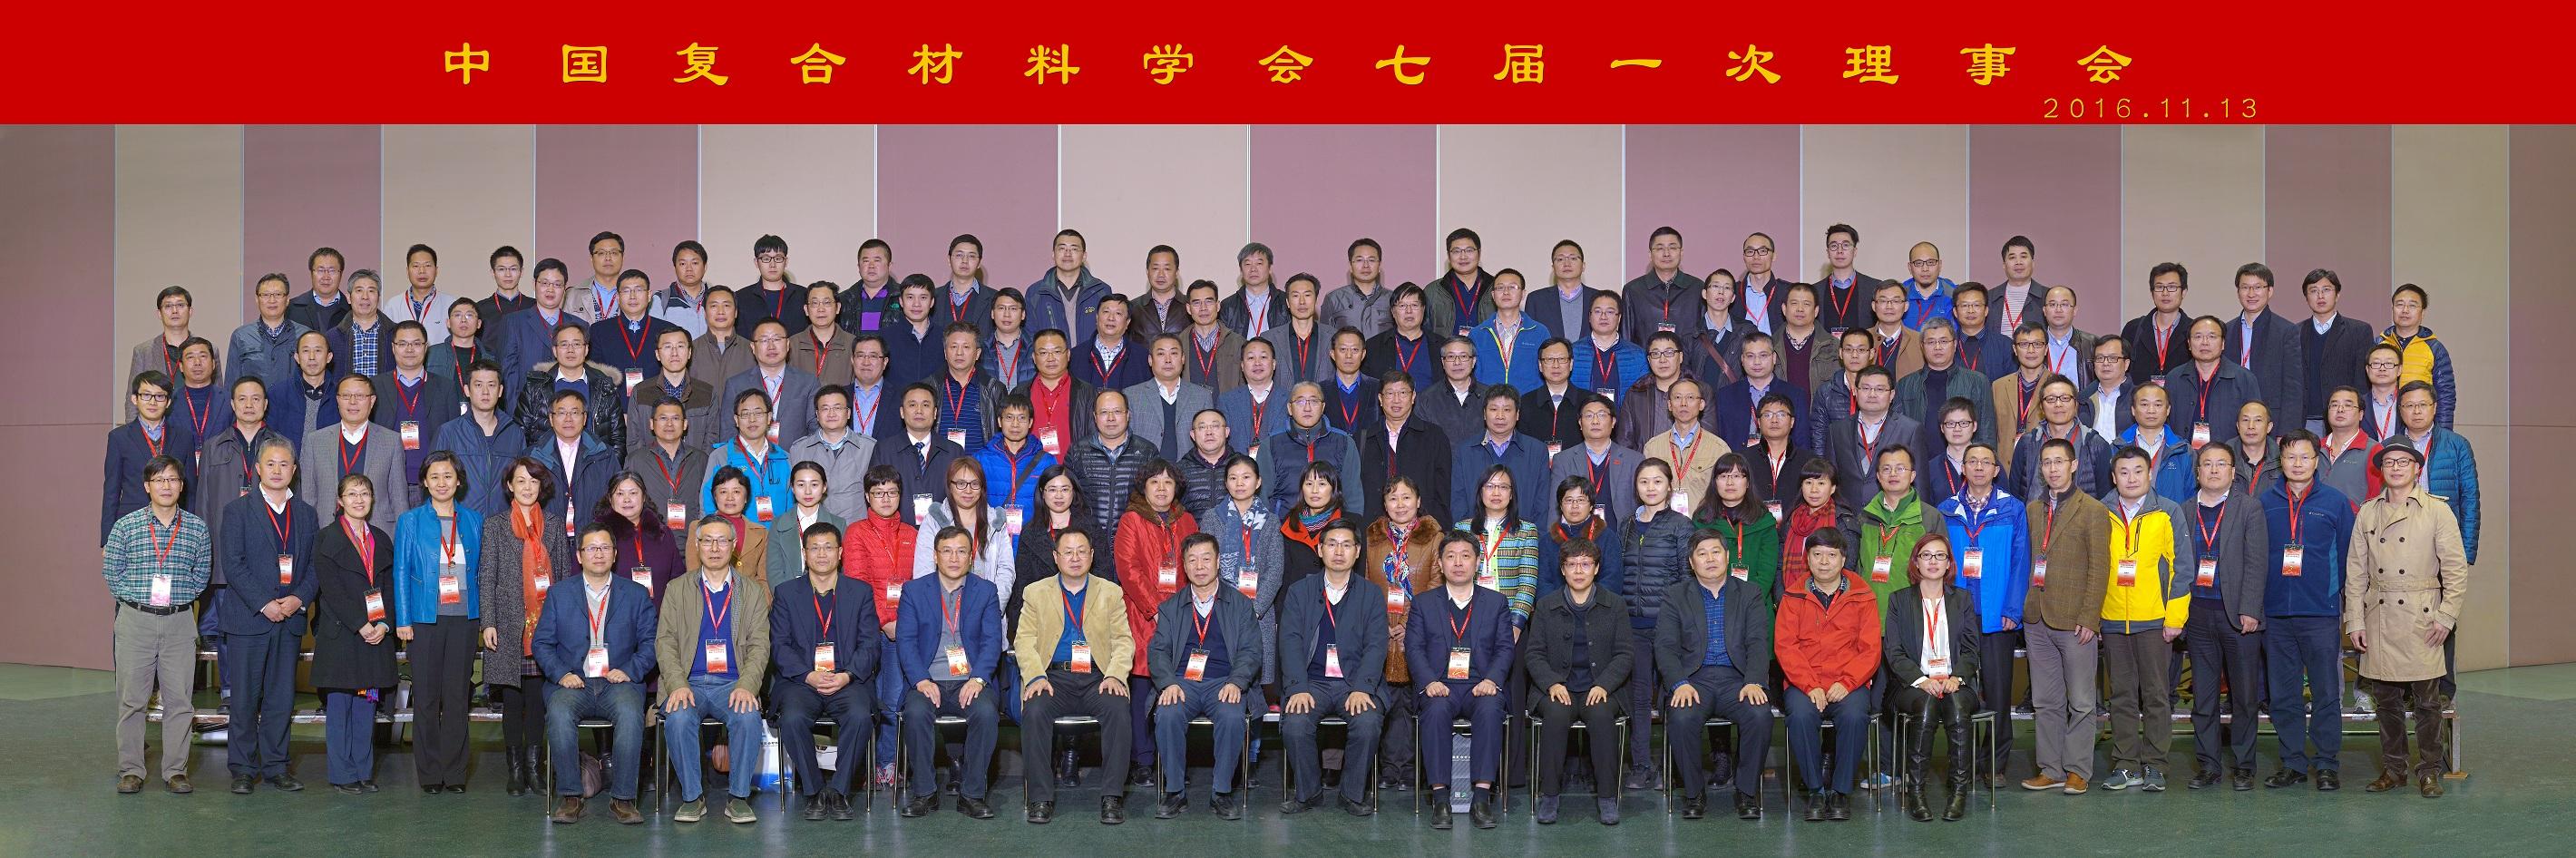 中国复合材料学会第七届一次理事会合影